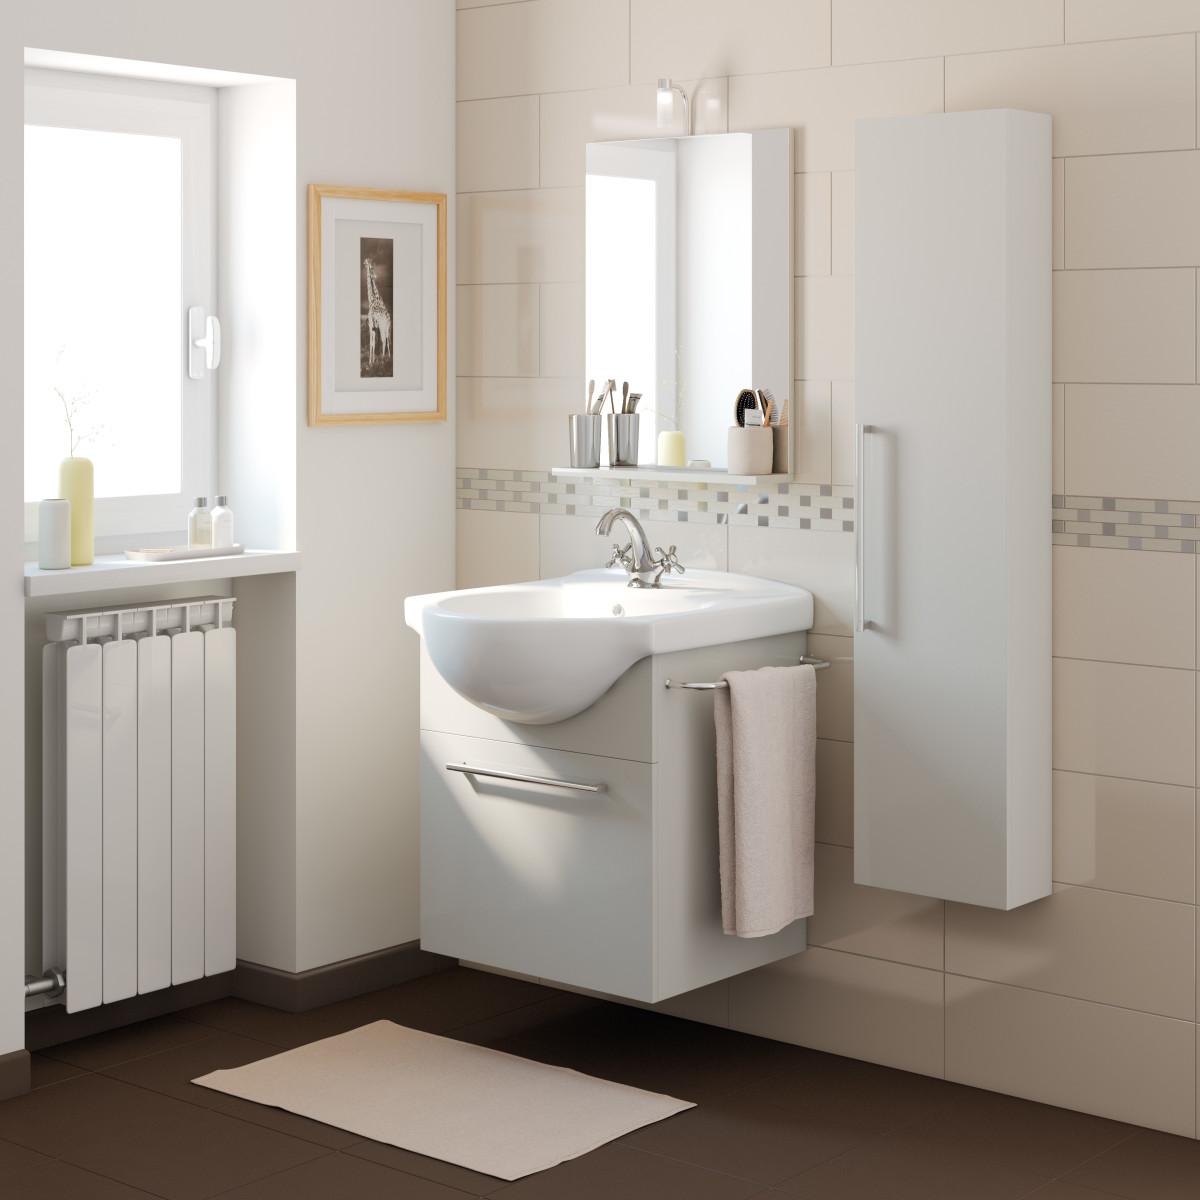 Sottolavabo bagno leroy merlin idee creative di interni - Specchi da bagno leroy merlin ...